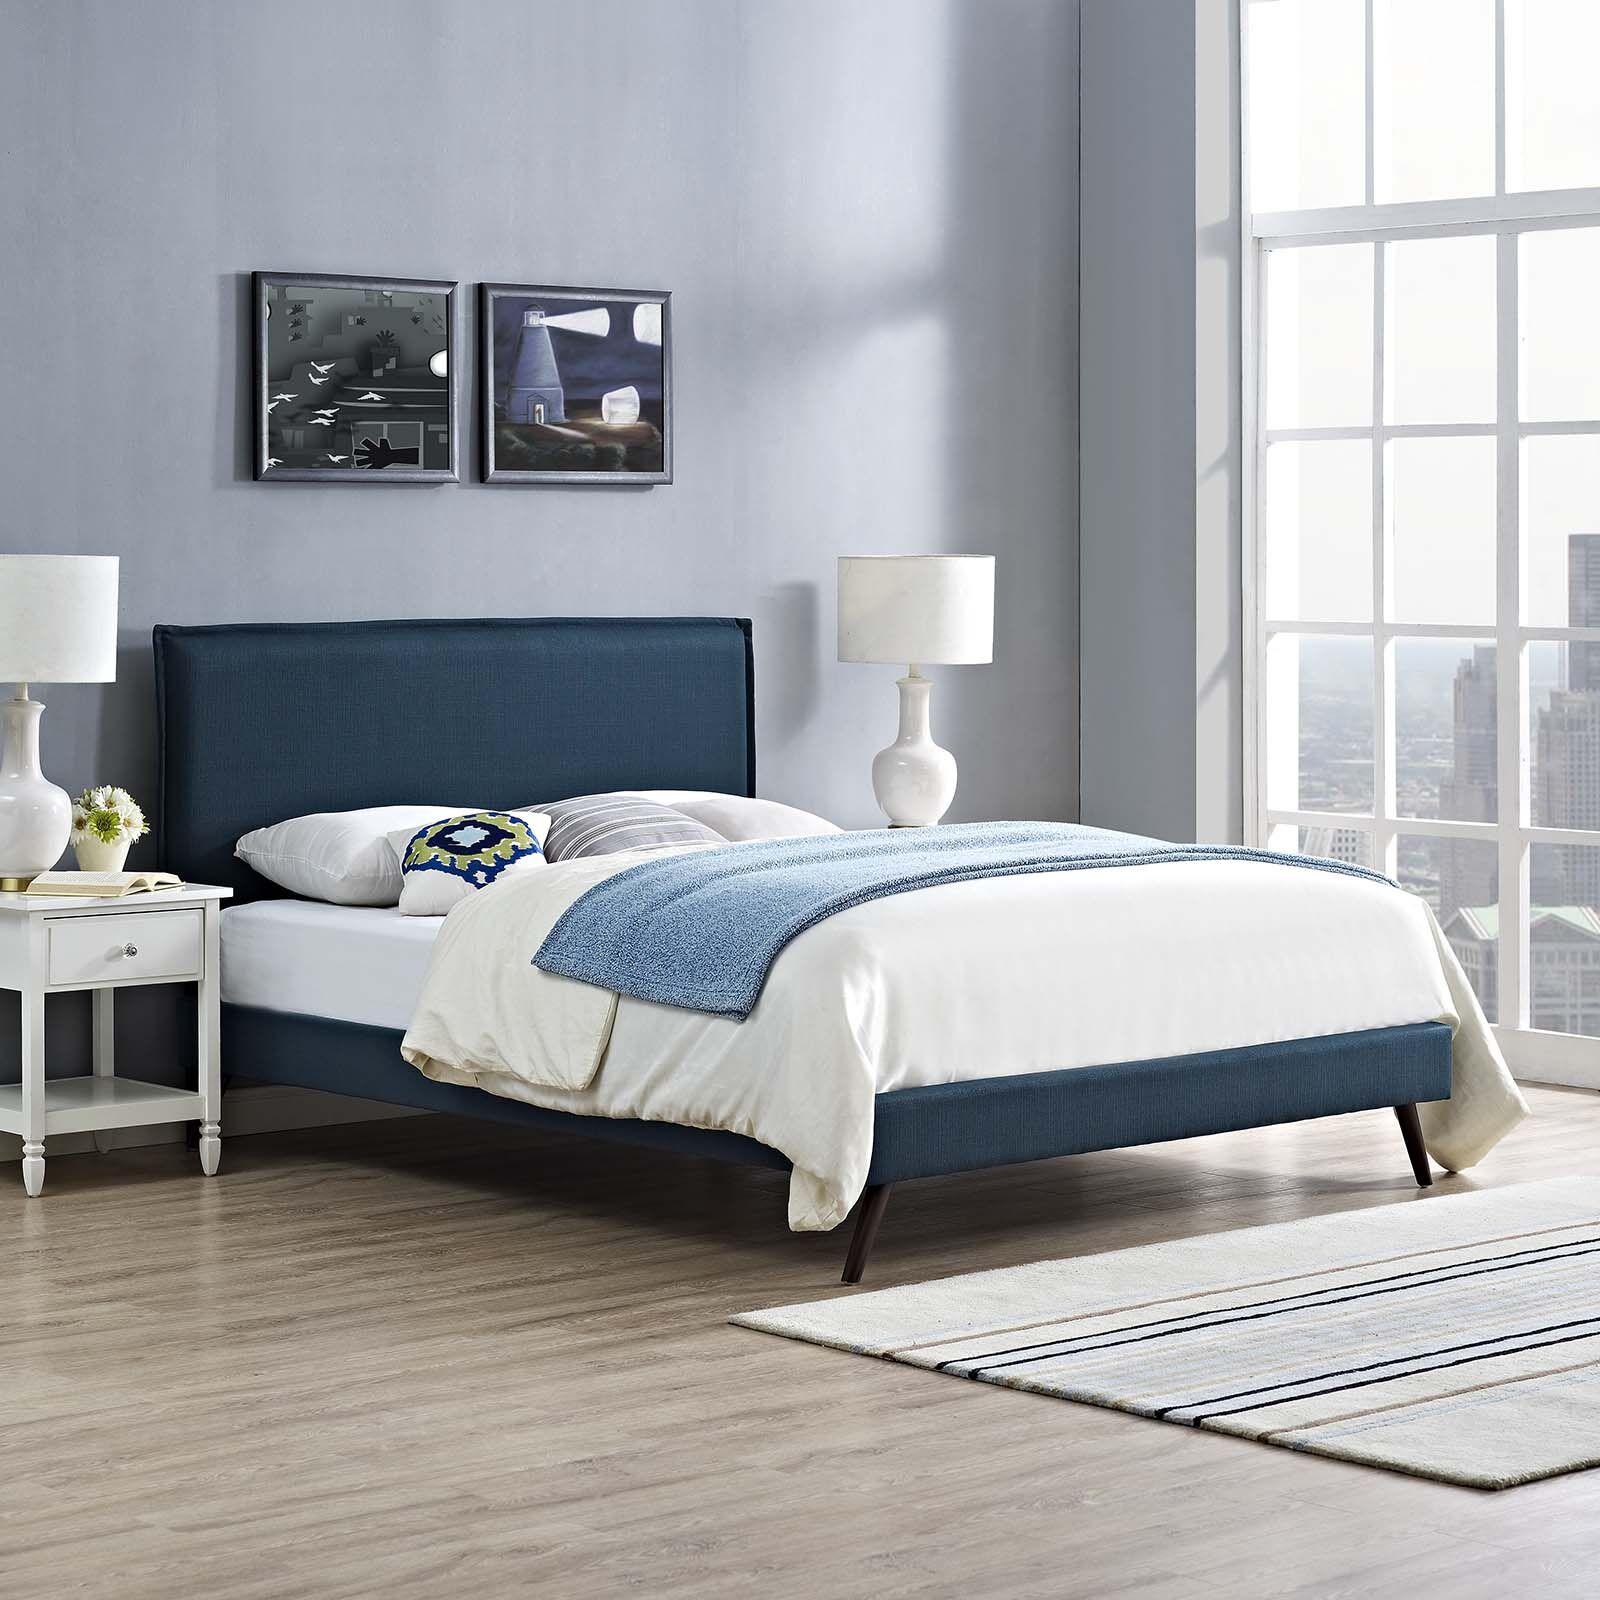 Craighead Upholstered Platform Bed Color: Azure, Size: King